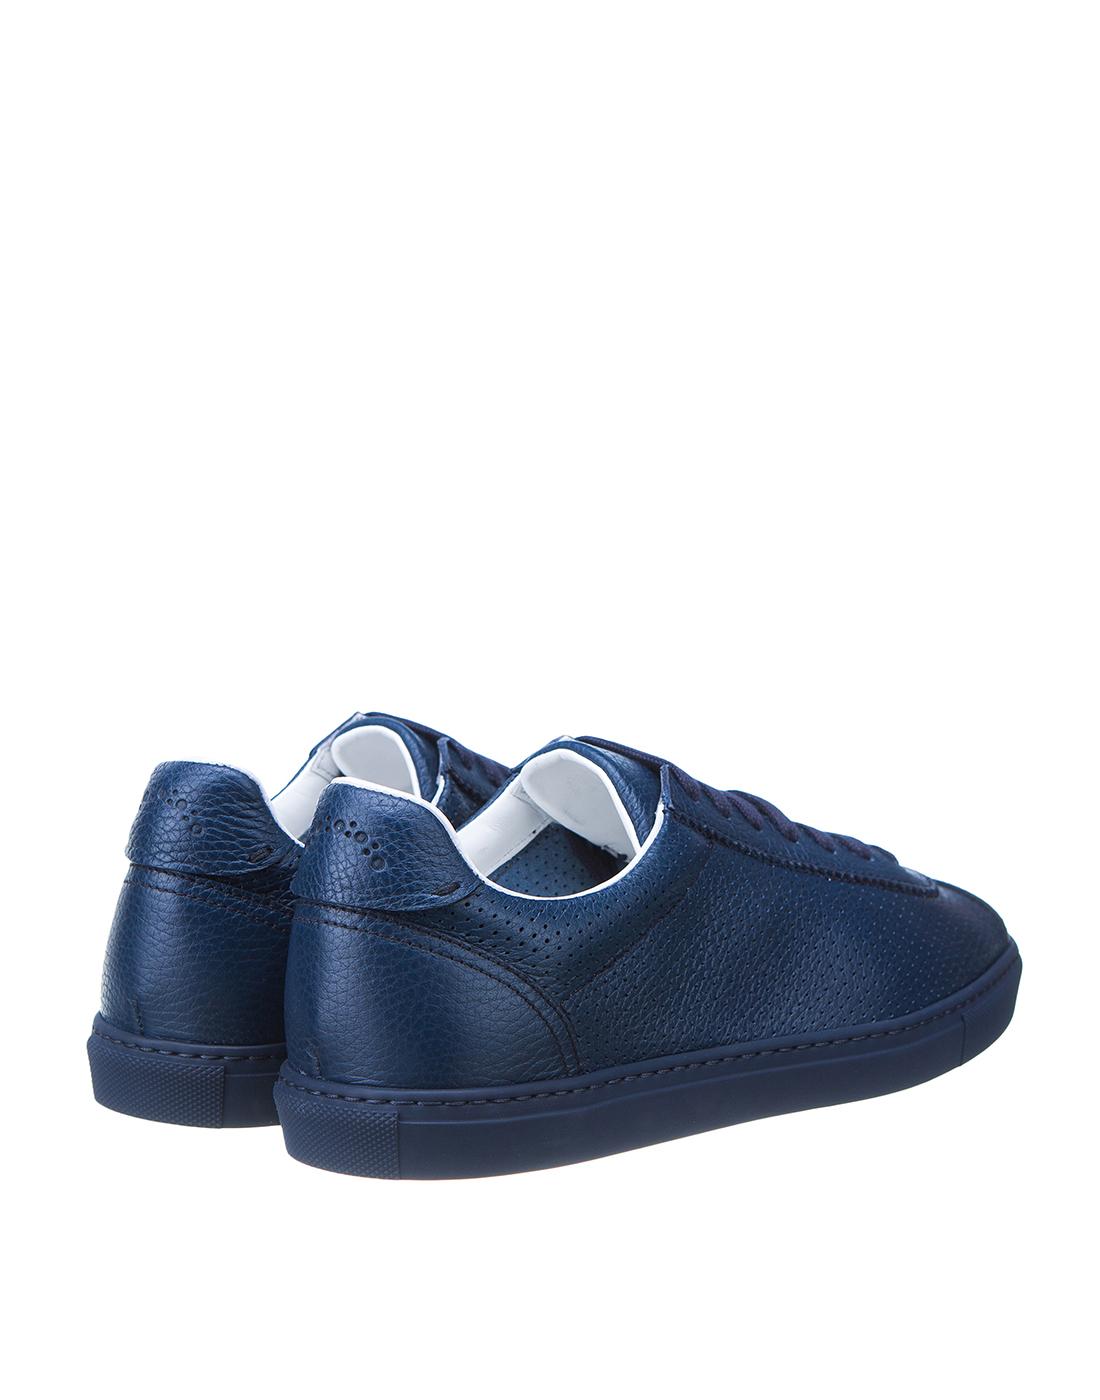 Кеды синие мужские перфорированные  Doucal's SDU2650MANAUZ109BB00-3